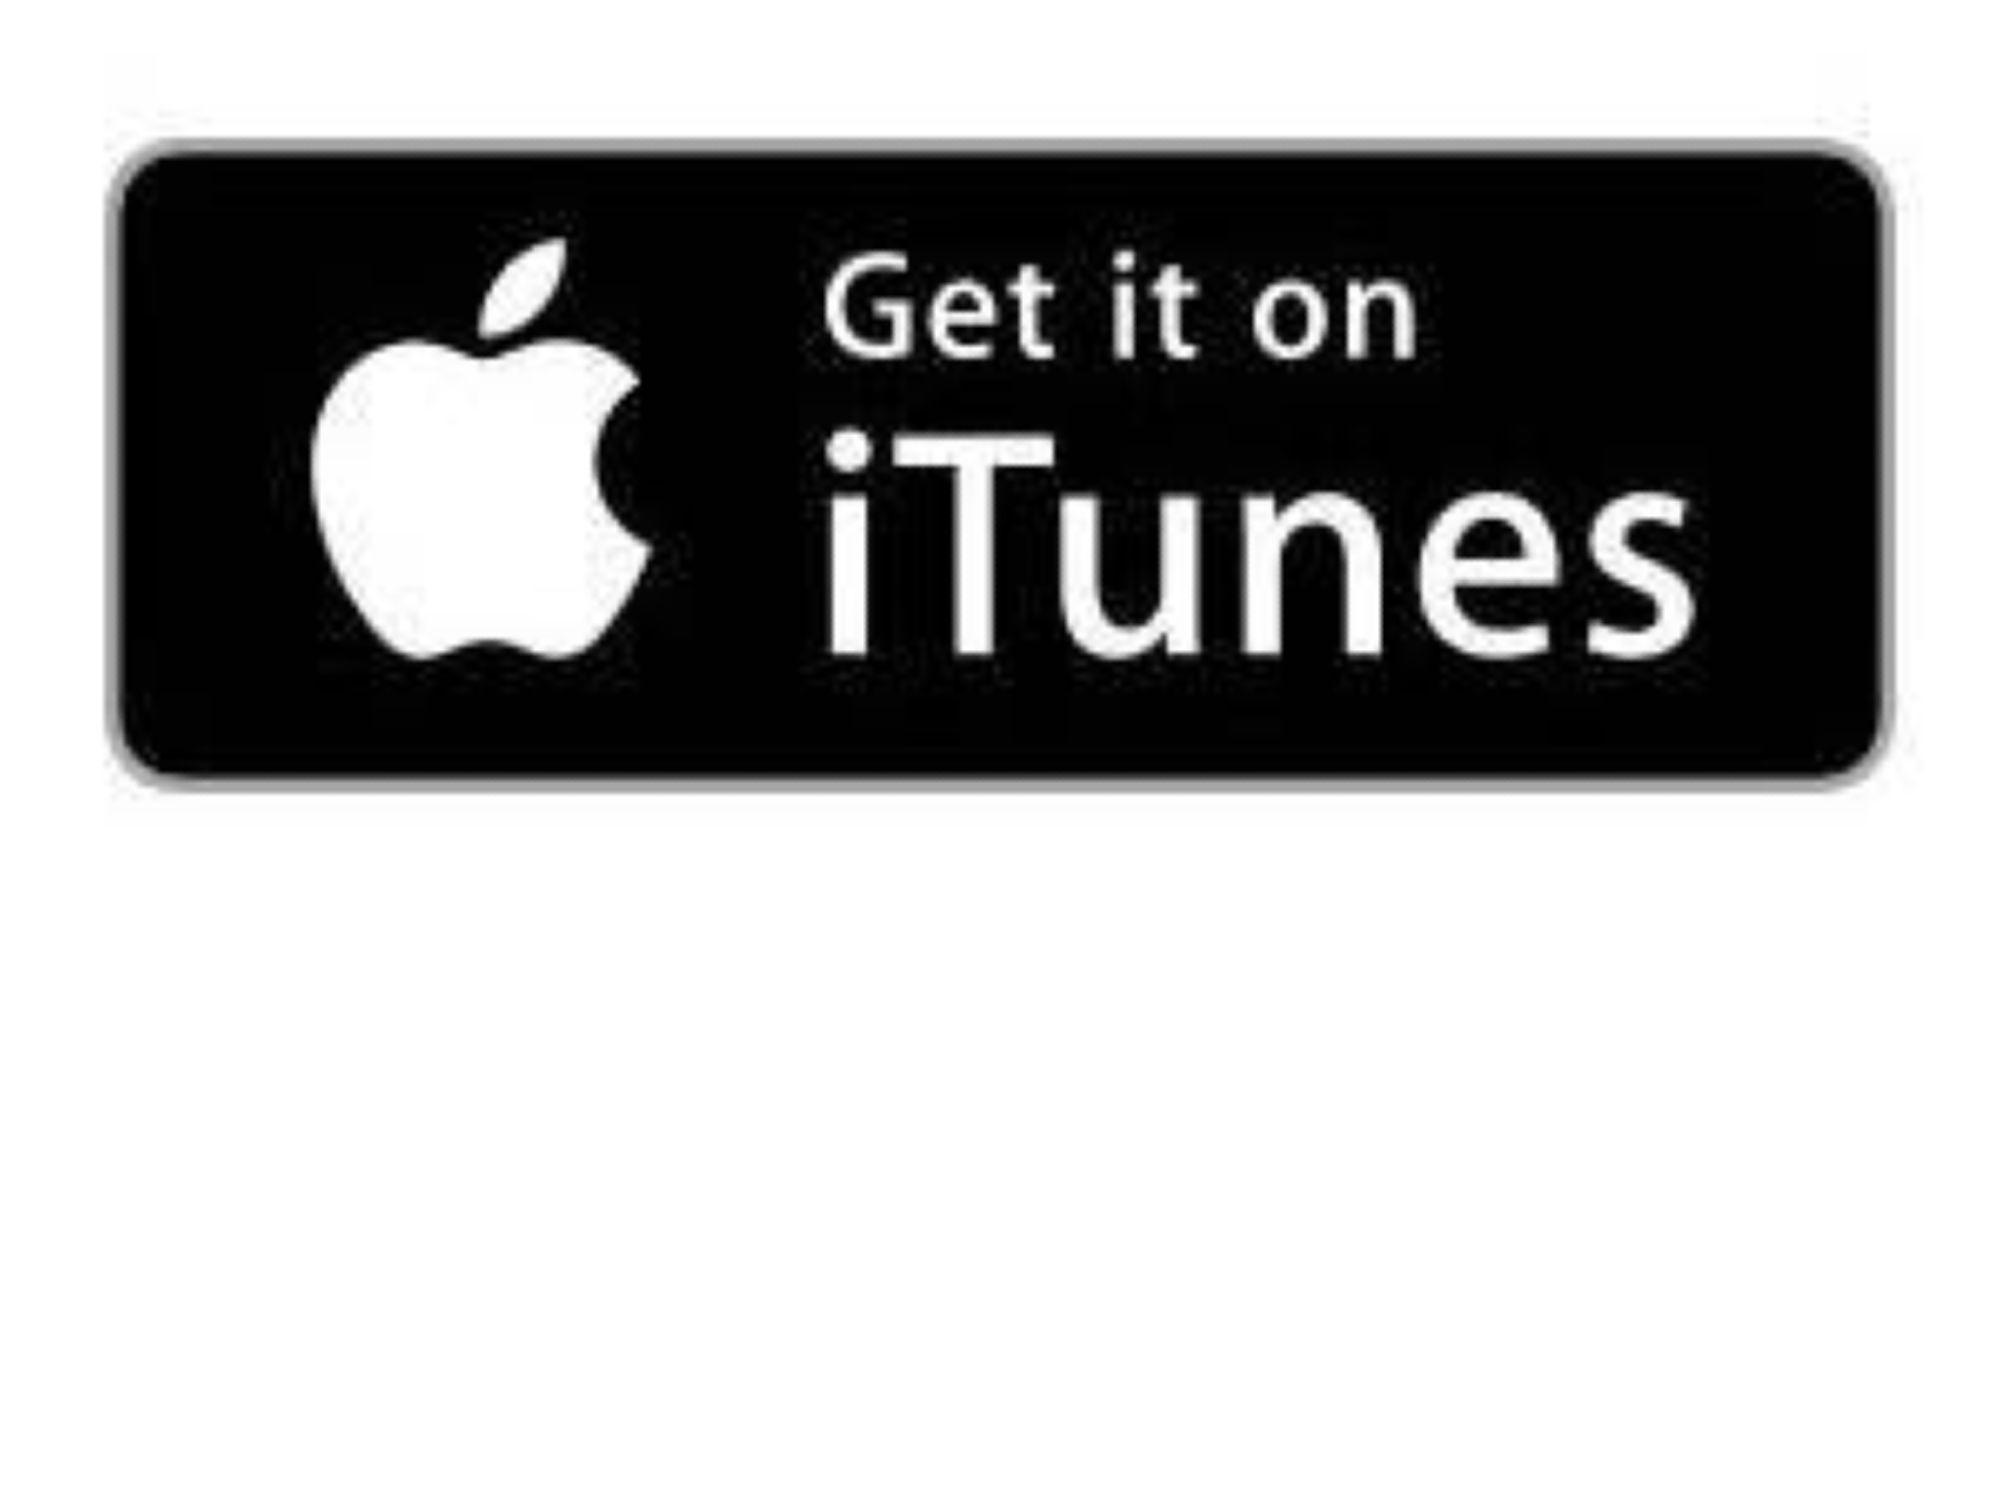 立即下载:适用于iOS系统